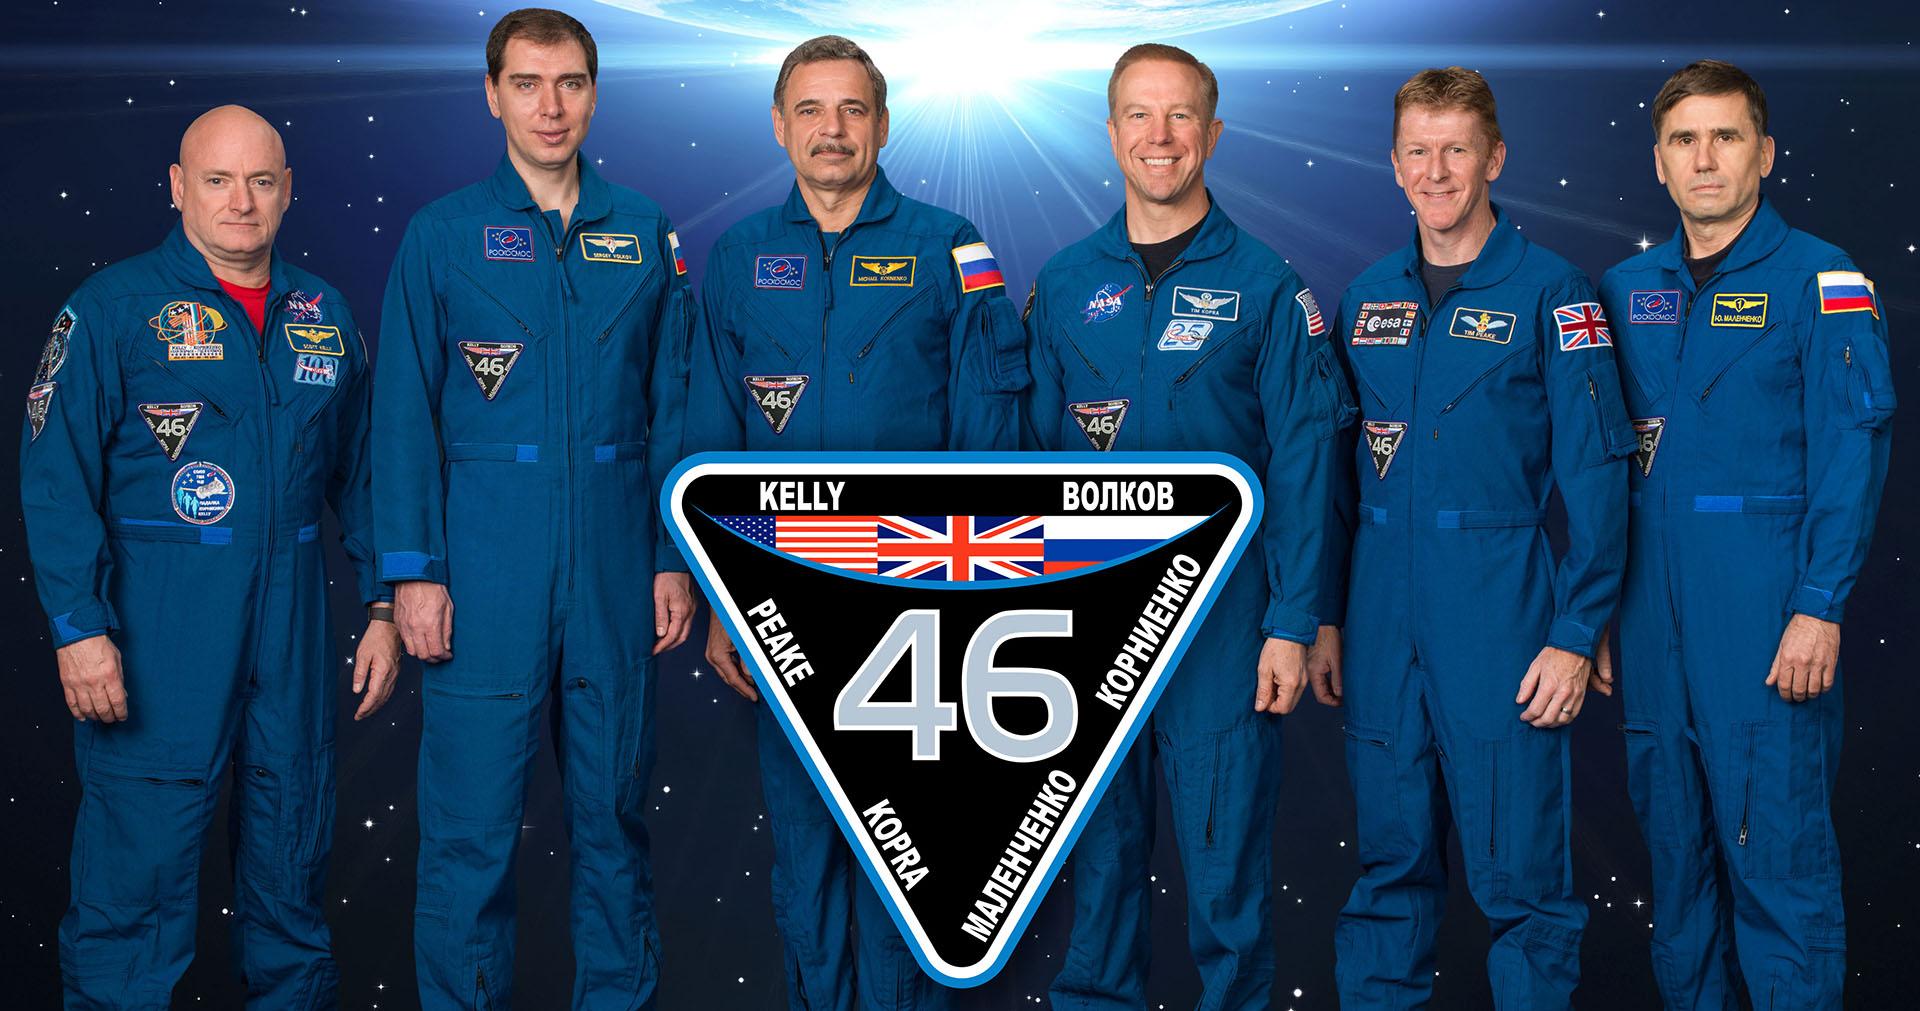 Expedition 46 crew, from left: Scott Kelly, Mikhail Kornienko, Sergey Volkov, Tim Peake, Tim Kopra and Yuri Malenchenko.